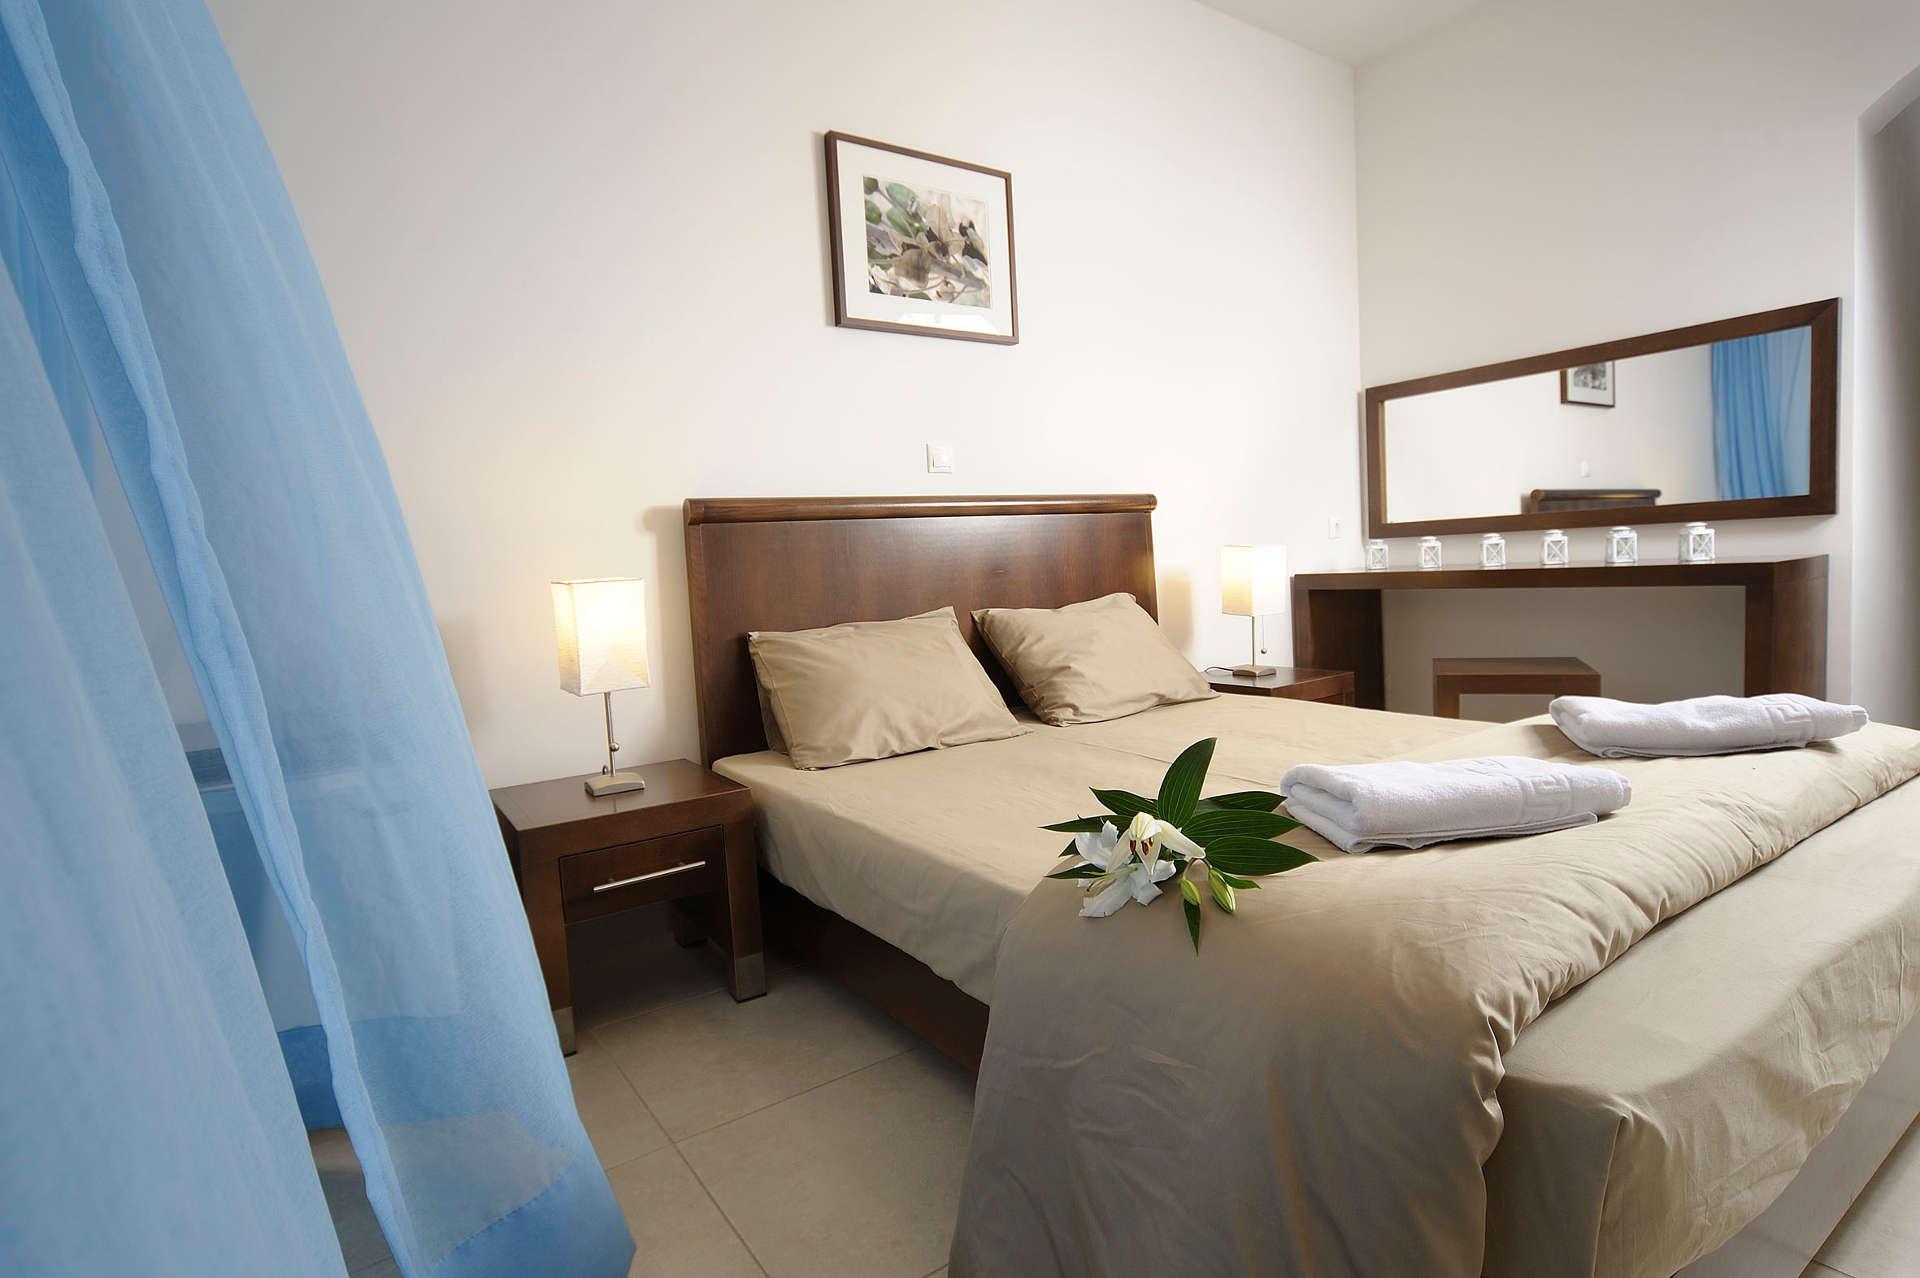 glaros_room18